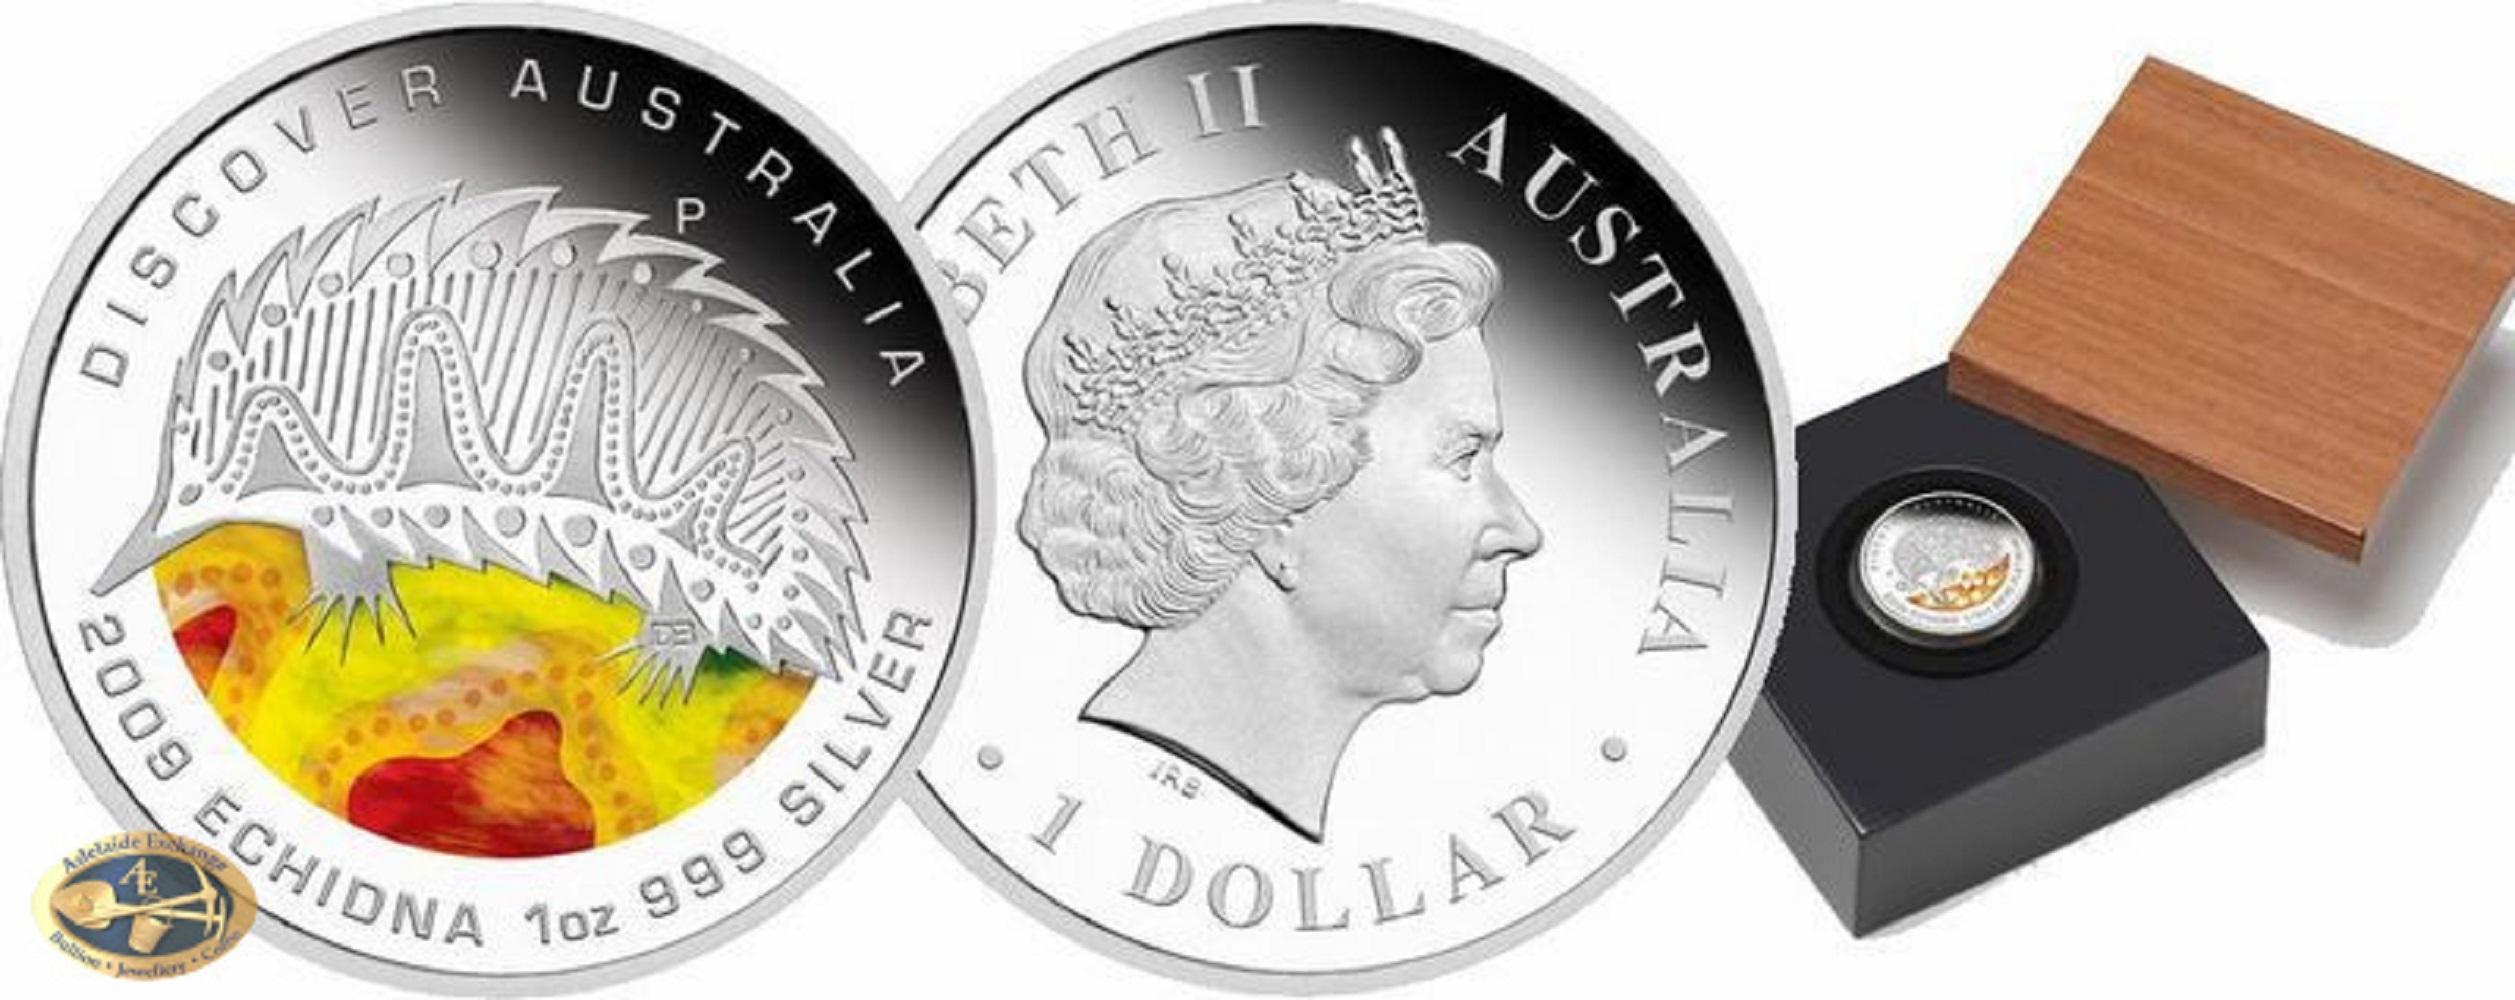 2009 1oz Fine Silver Proof Coin Discover Australia The